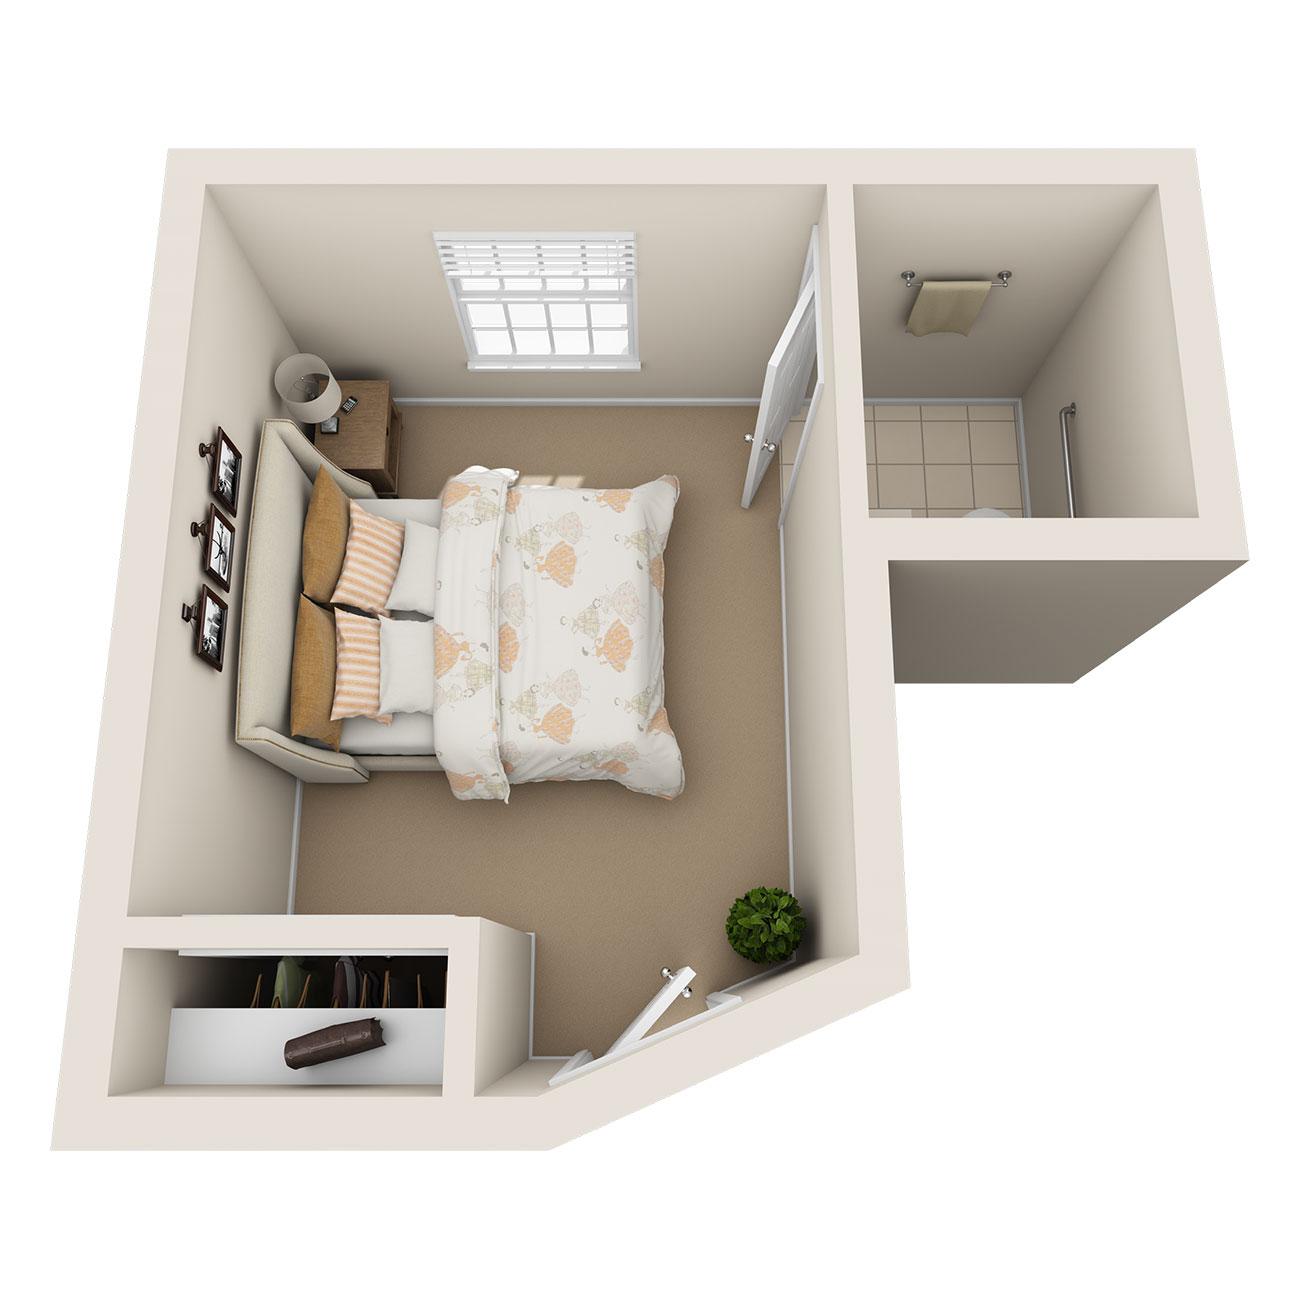 Floor Plan of Memory Care Studio